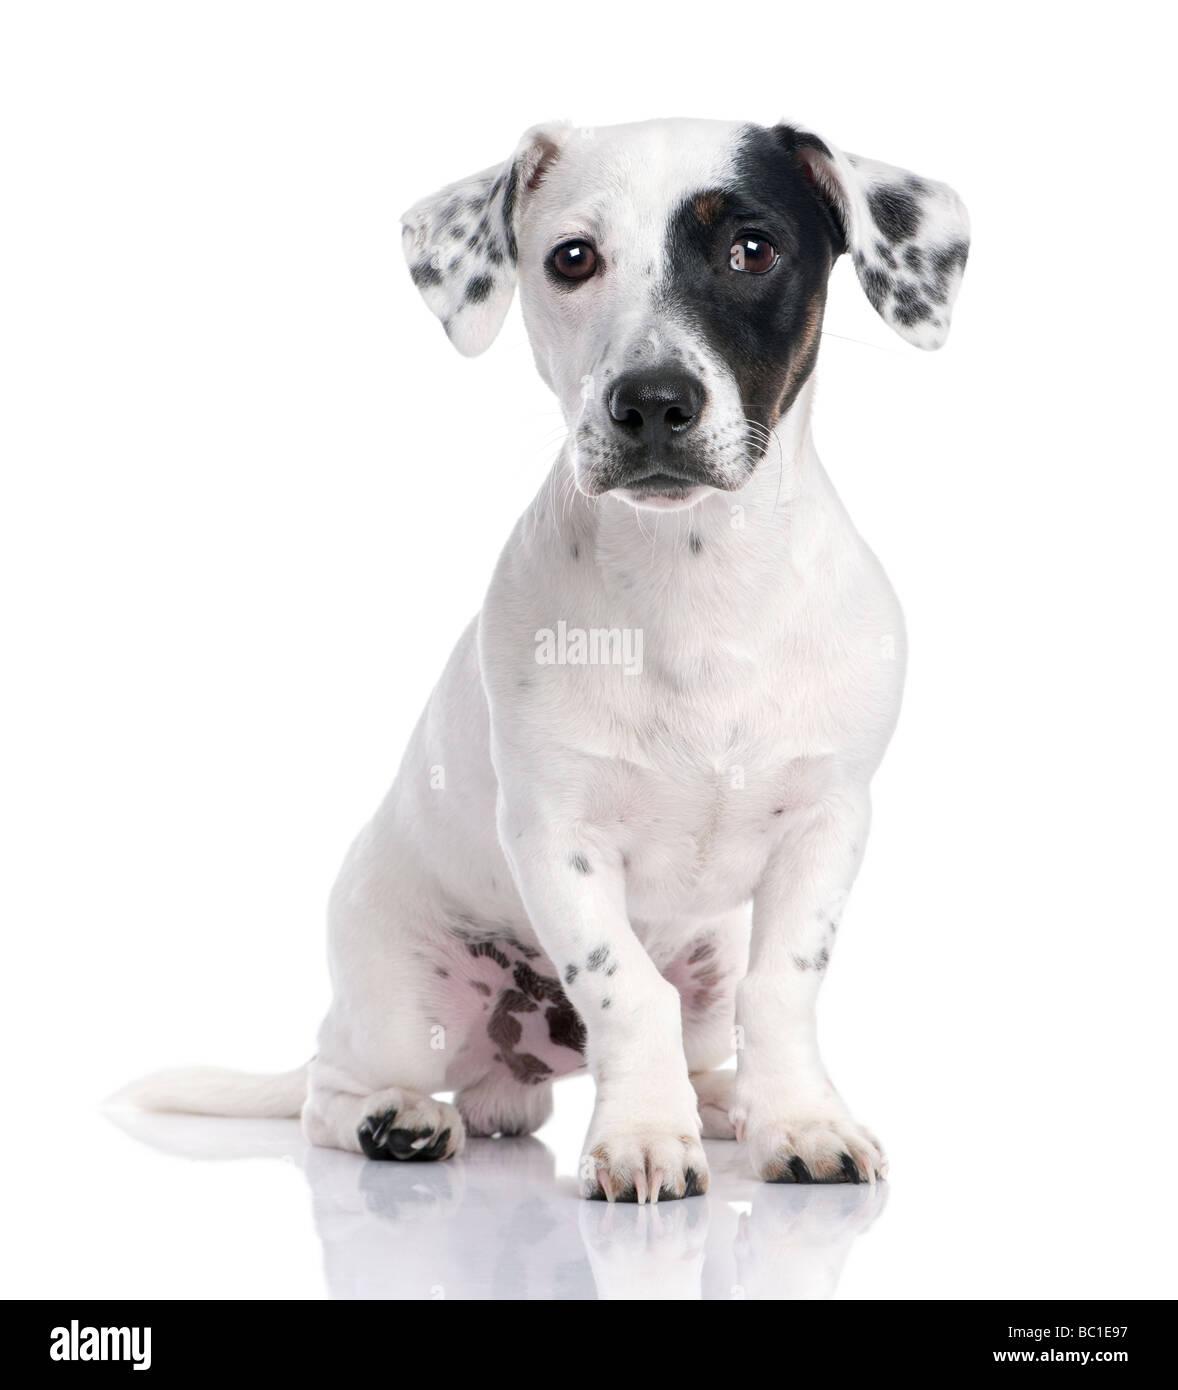 Jack Russell cachorro aislado y sentado delante de la cámara. Imagen De Stock